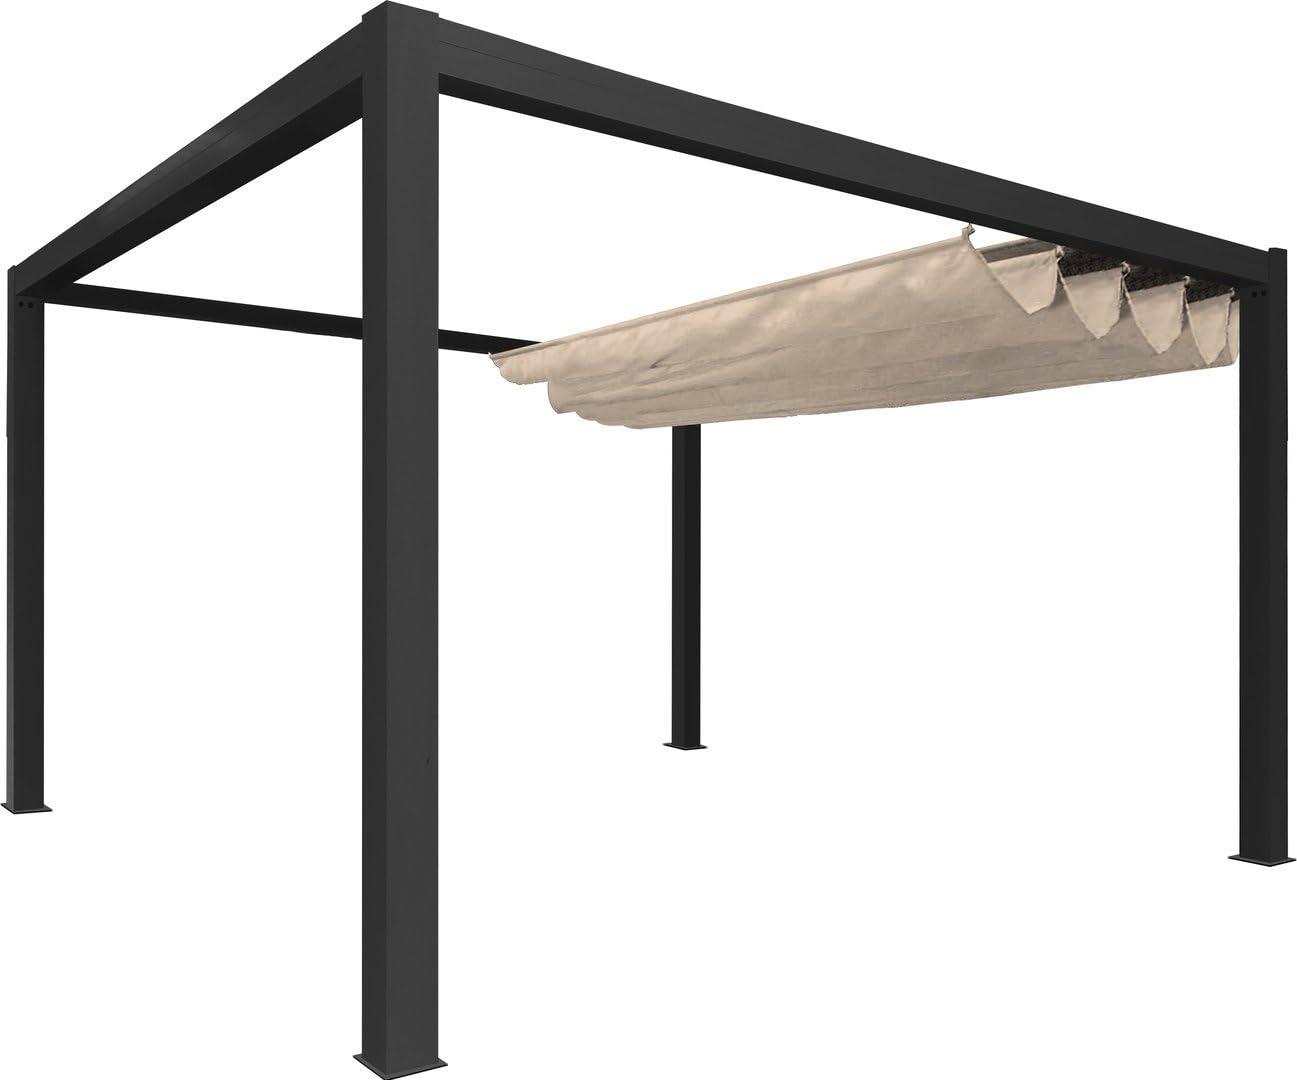 Pérgola independiente clásica de lona y aluminio – 4 x 3 m – Gris con lona blanca: Amazon.es: Jardín